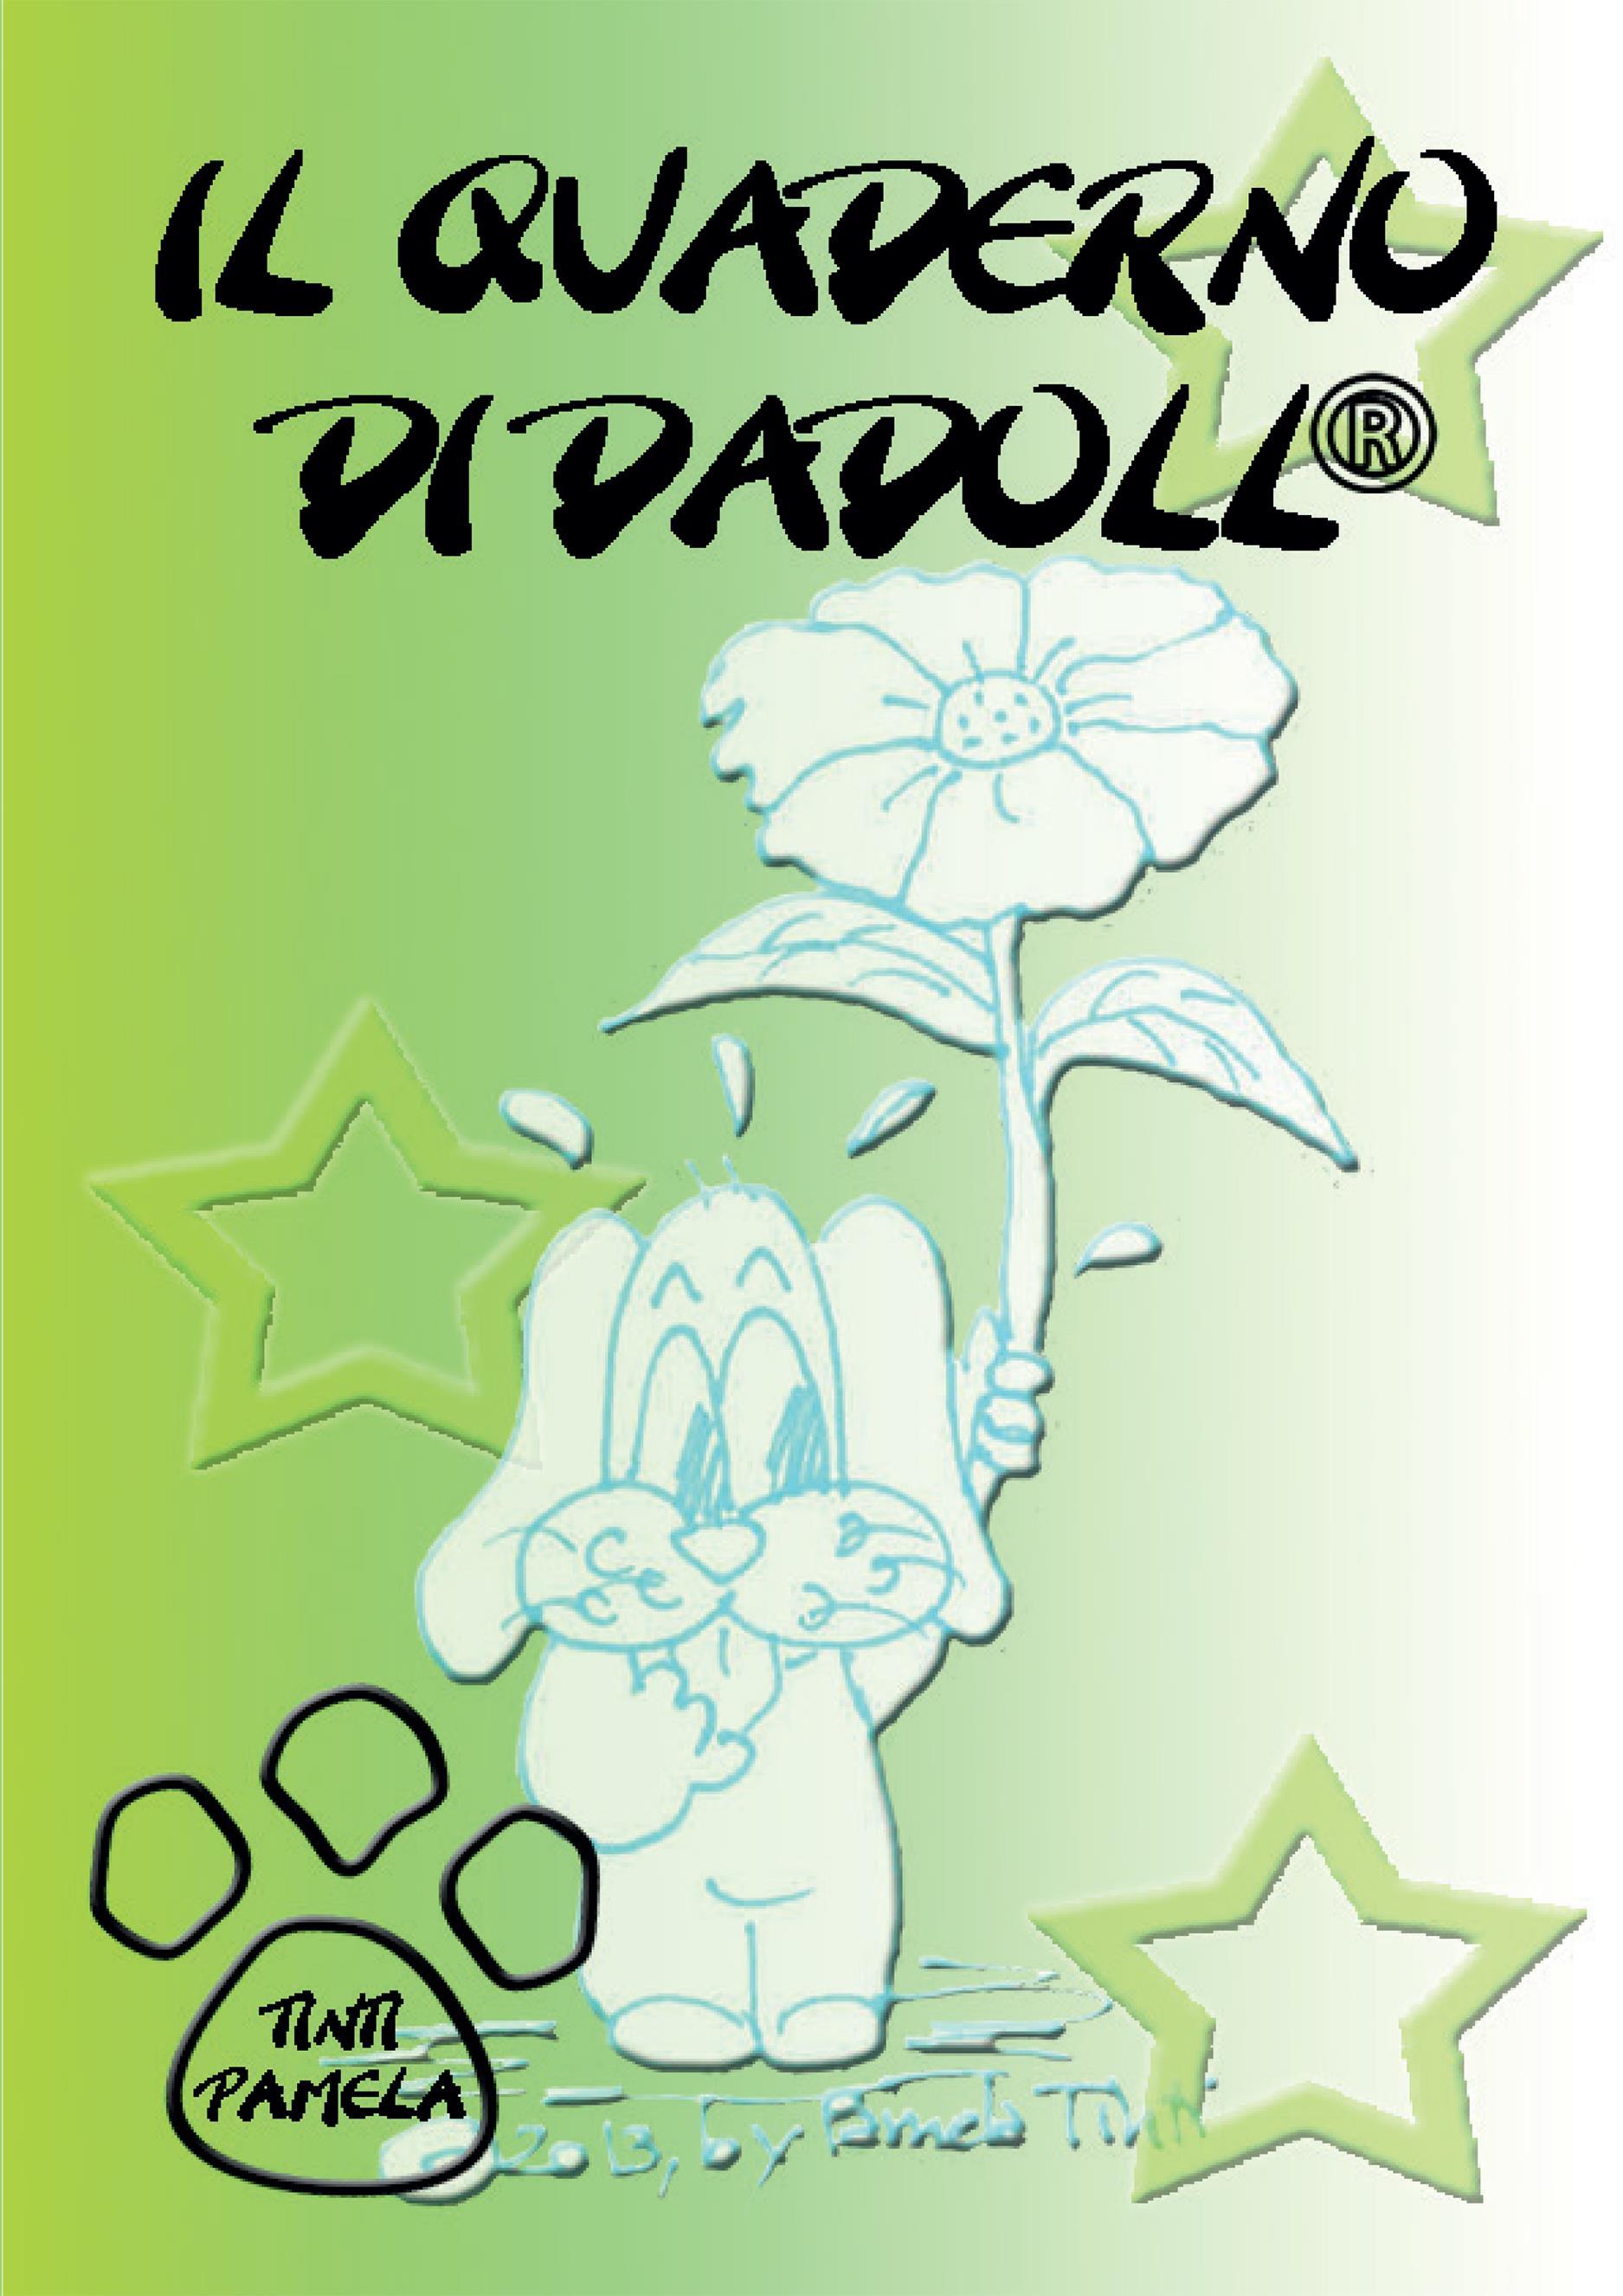 Il quaderno di Dadoll